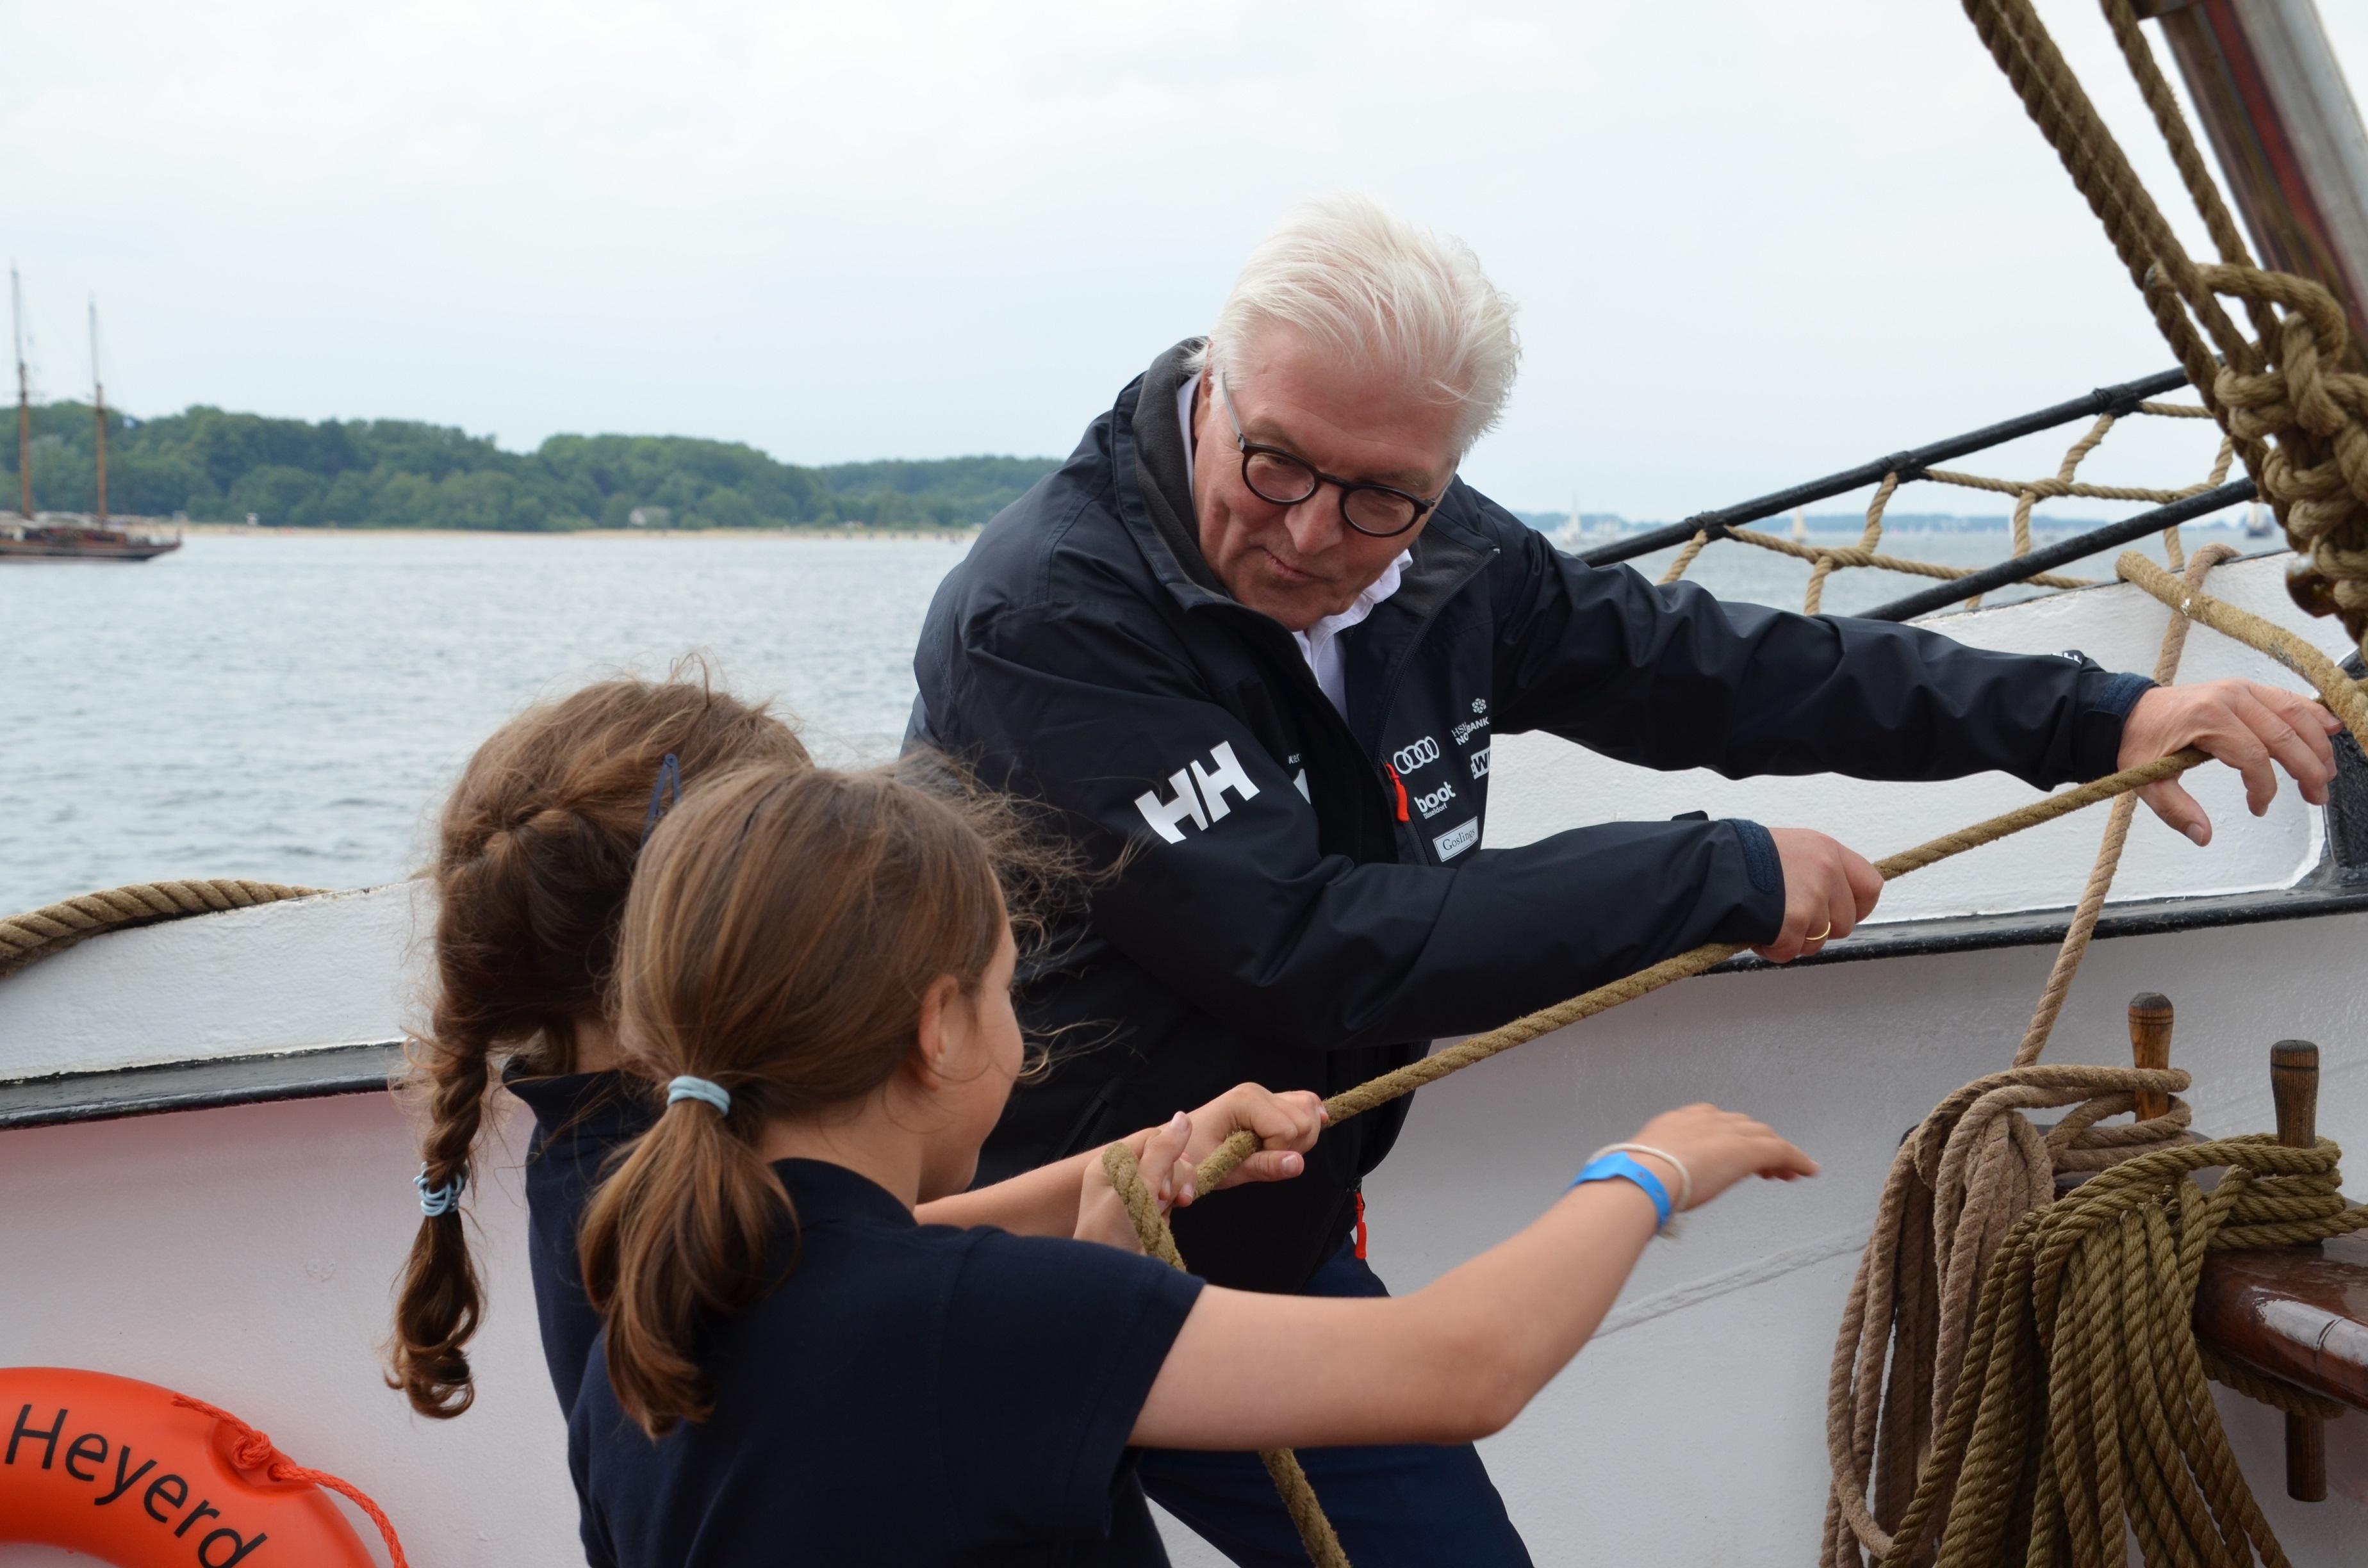 Bundespräsident Frank-Walter Steinmeier Segelt Zur Eröffnung Der Kieler Woche 2018 An Bord Der Thor Heyerdahl